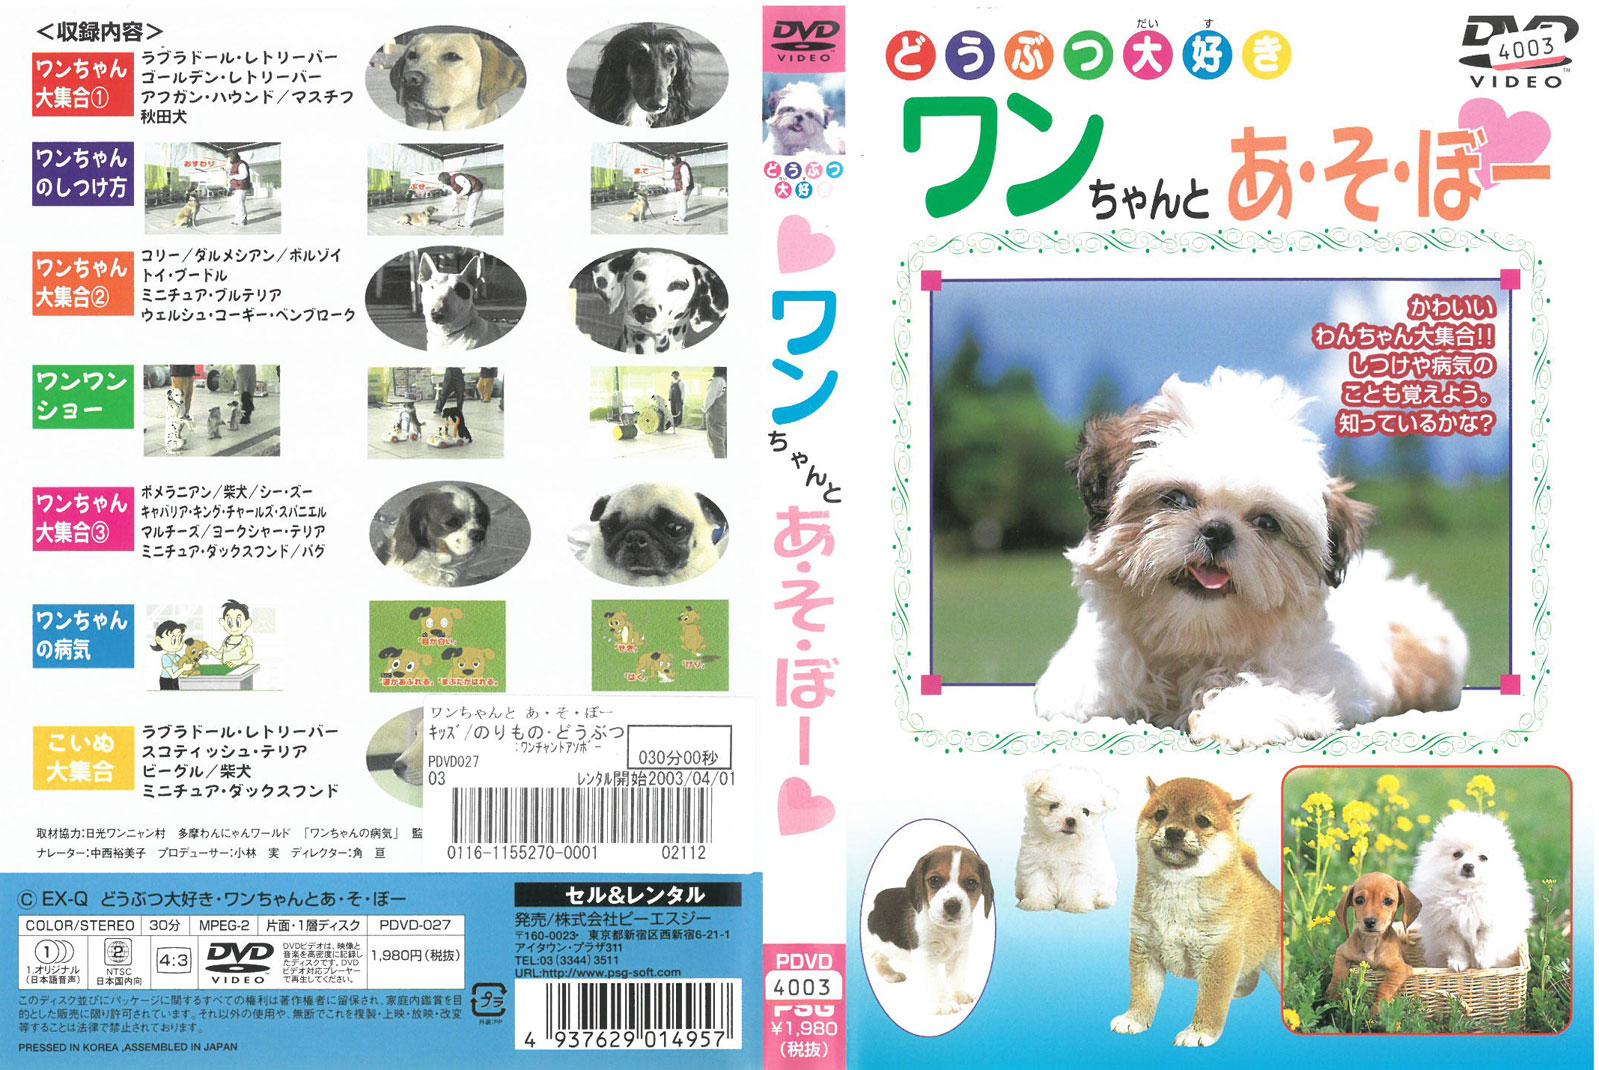 どうぶつ大好き ワンちゃんとあ そ 日本最大級の品揃え 中古DVD_f 引出物 ぼー ケース無し